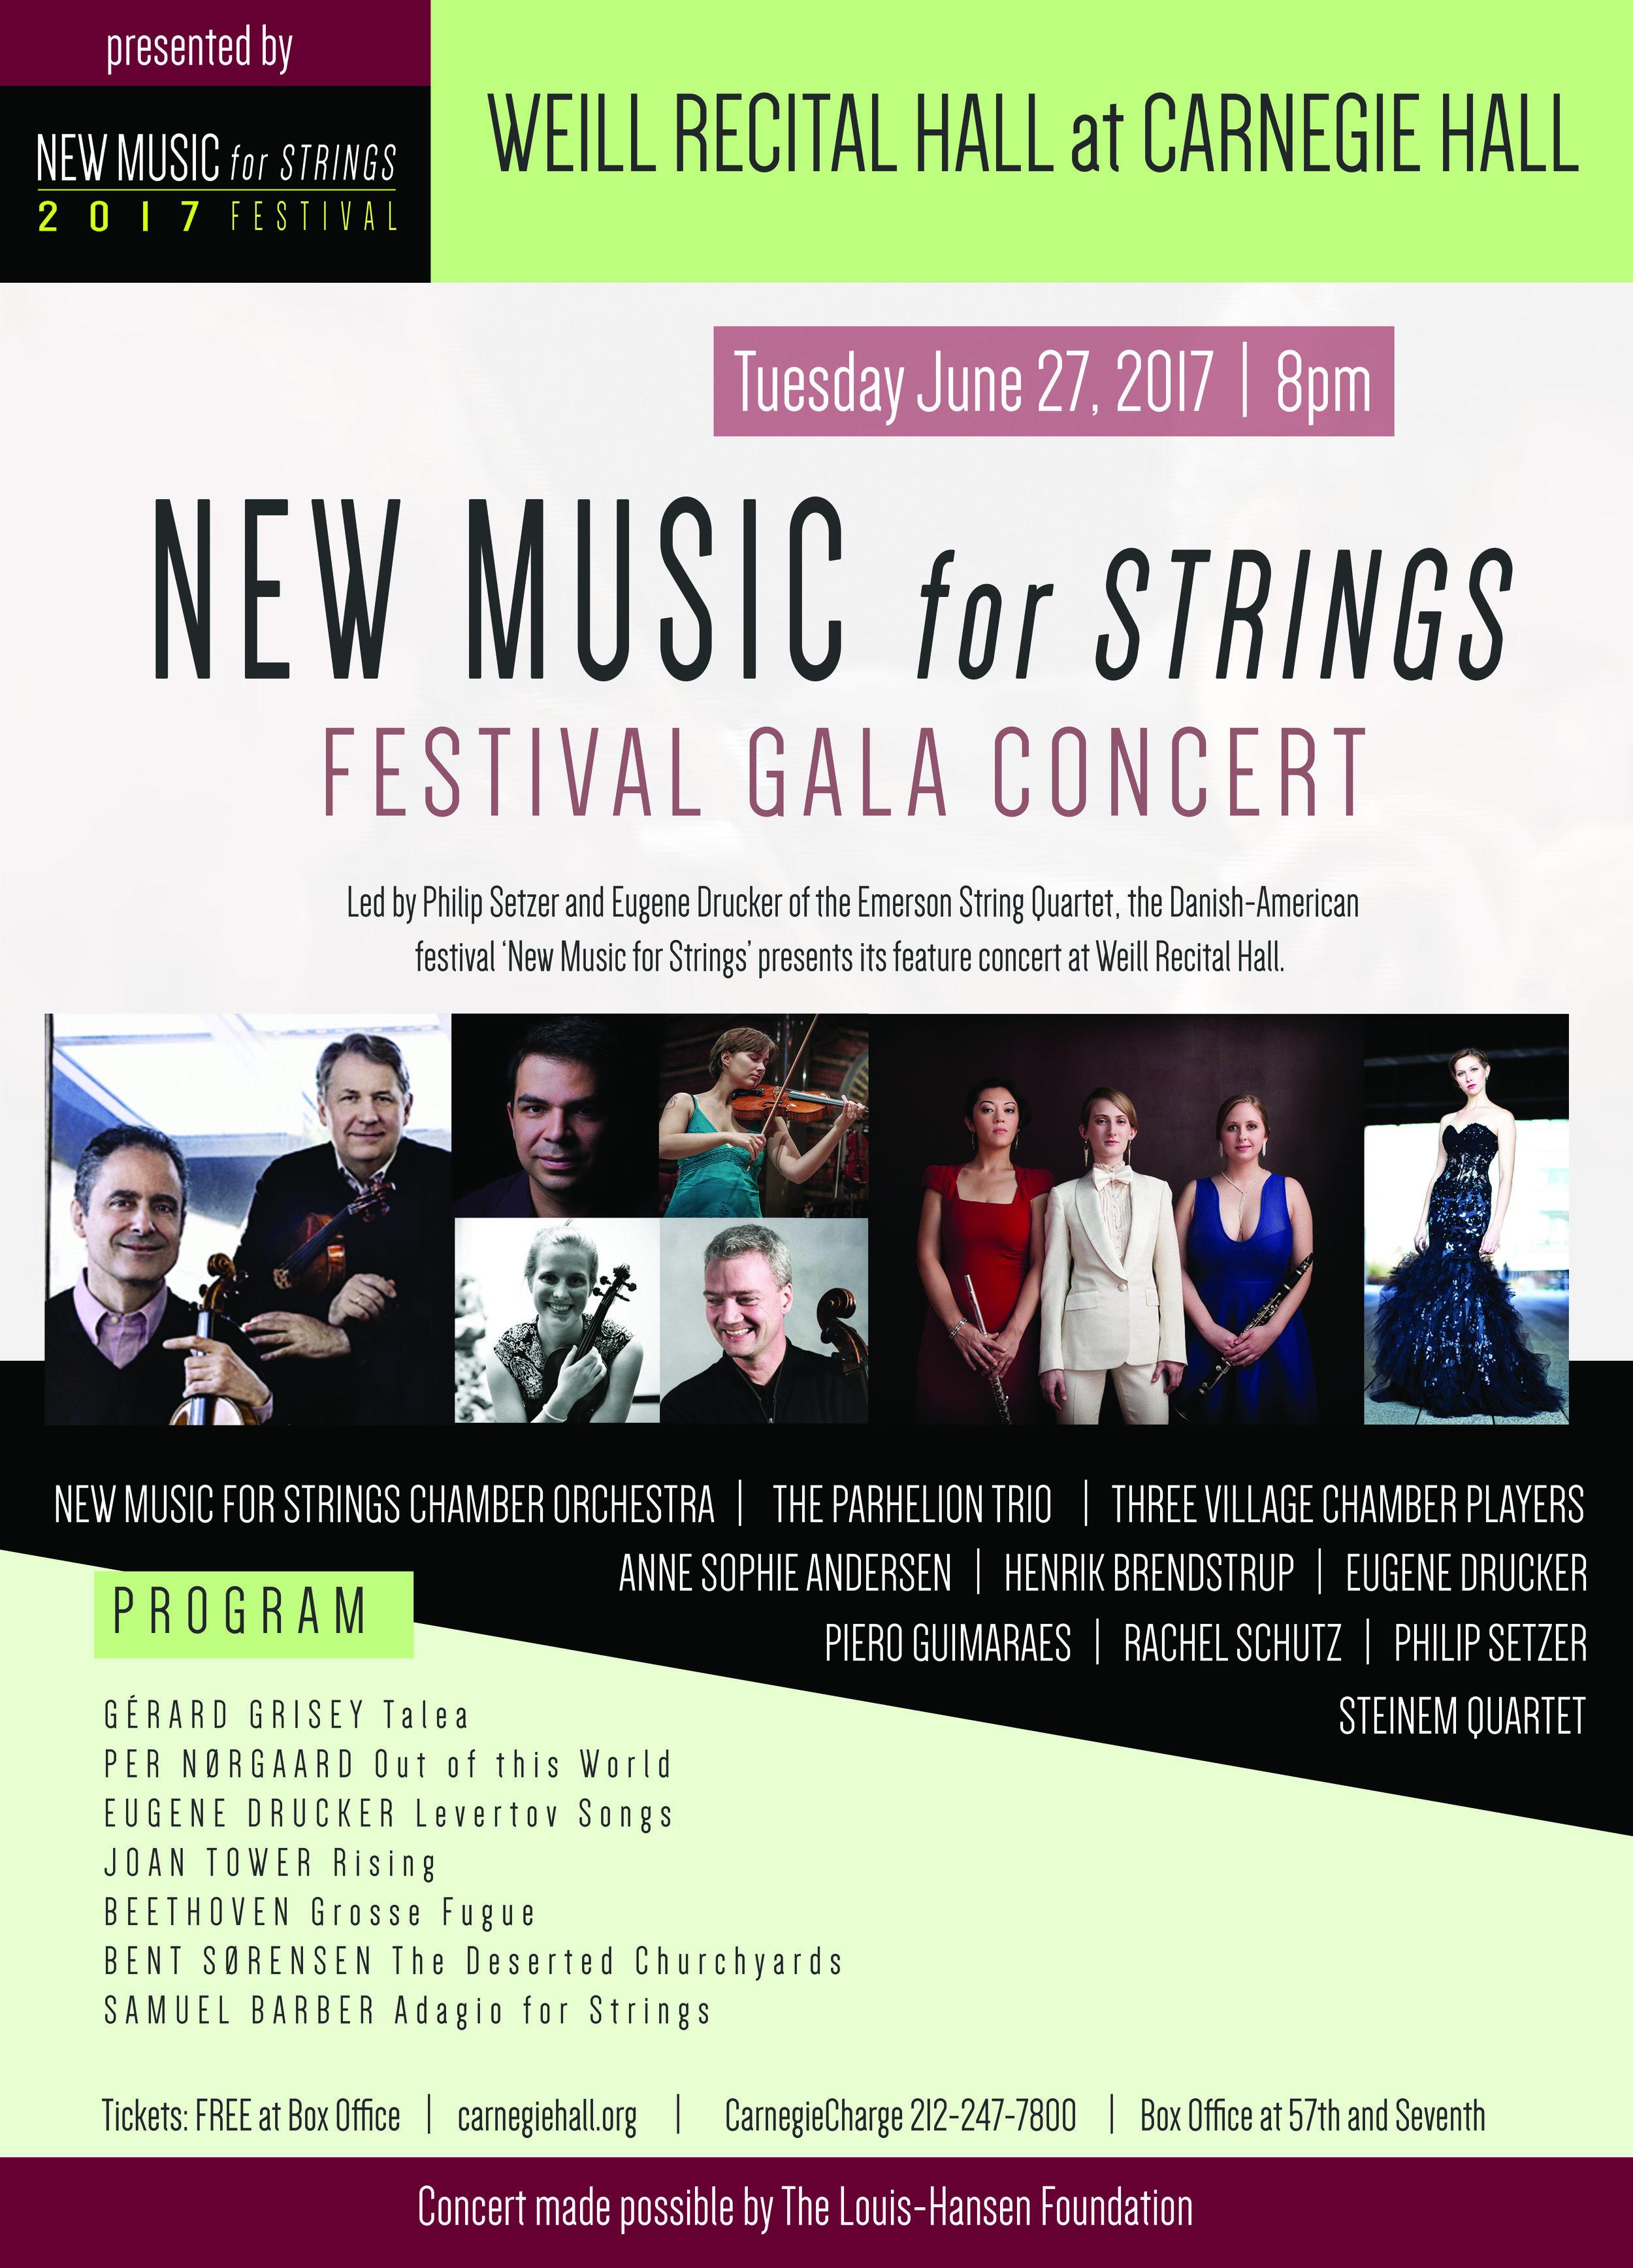 New Music for Strings